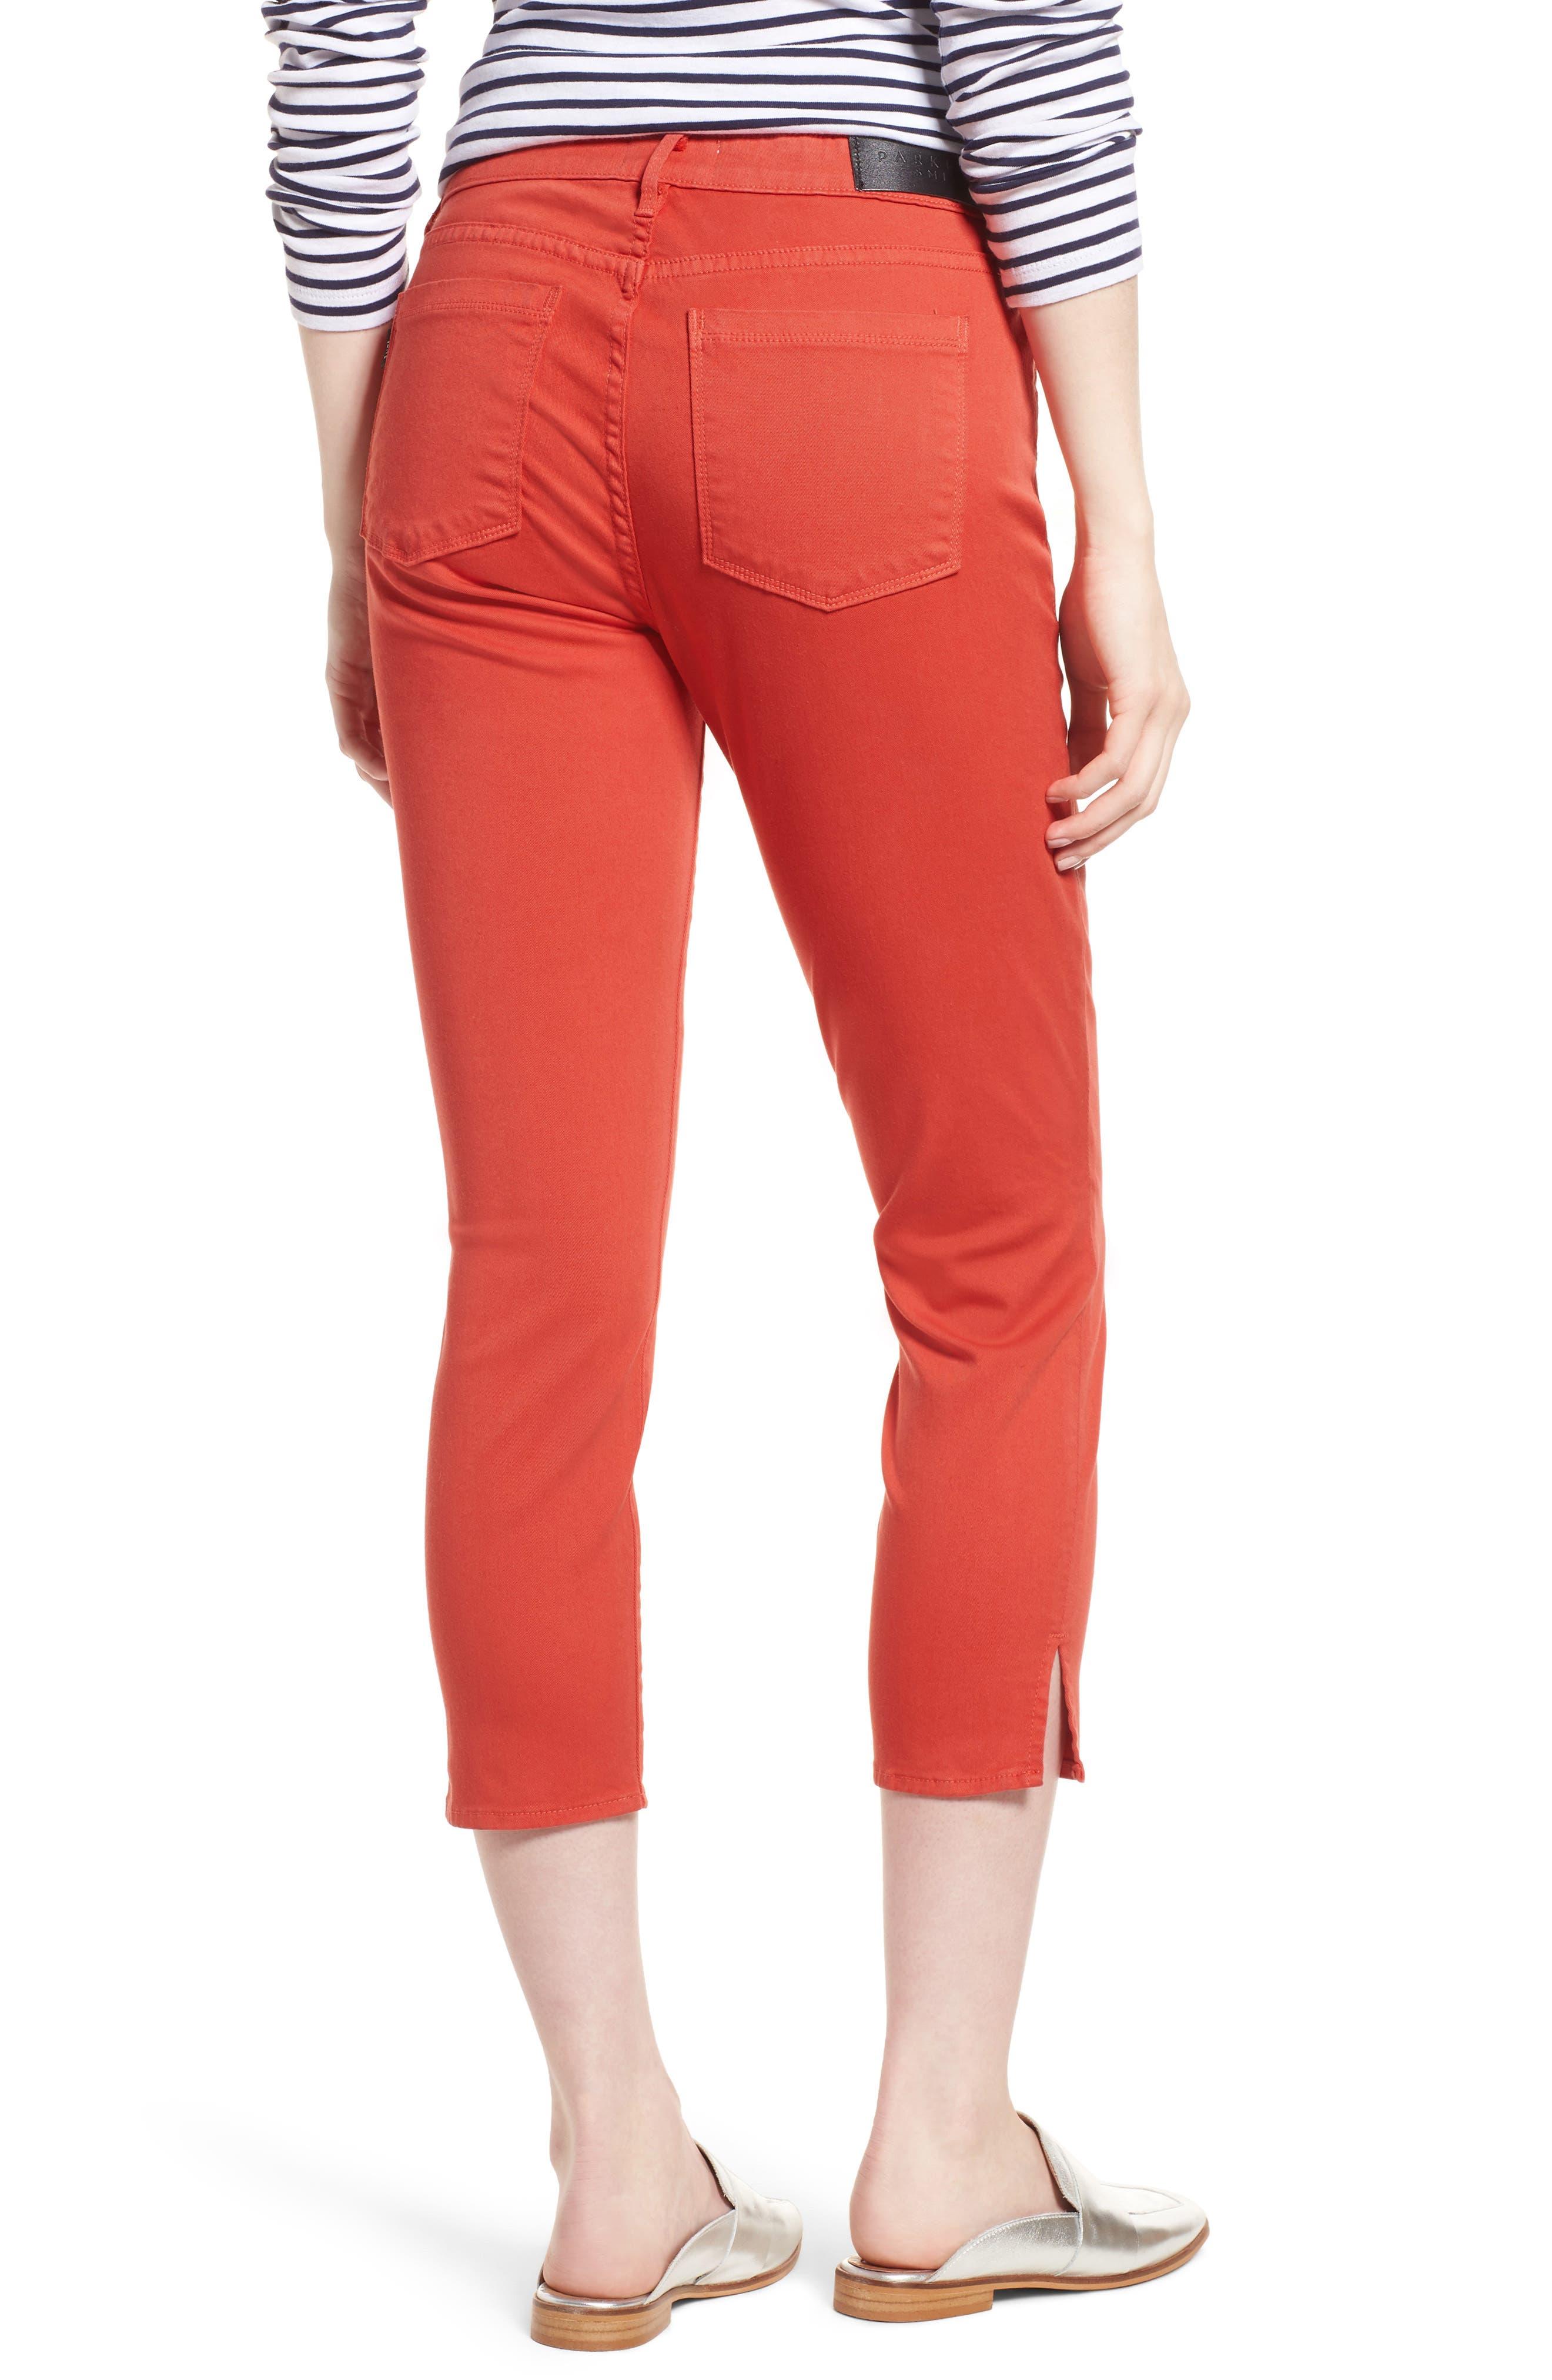 Pedal Pusher Crop Jeans,                             Alternate thumbnail 2, color,                             Sunburst